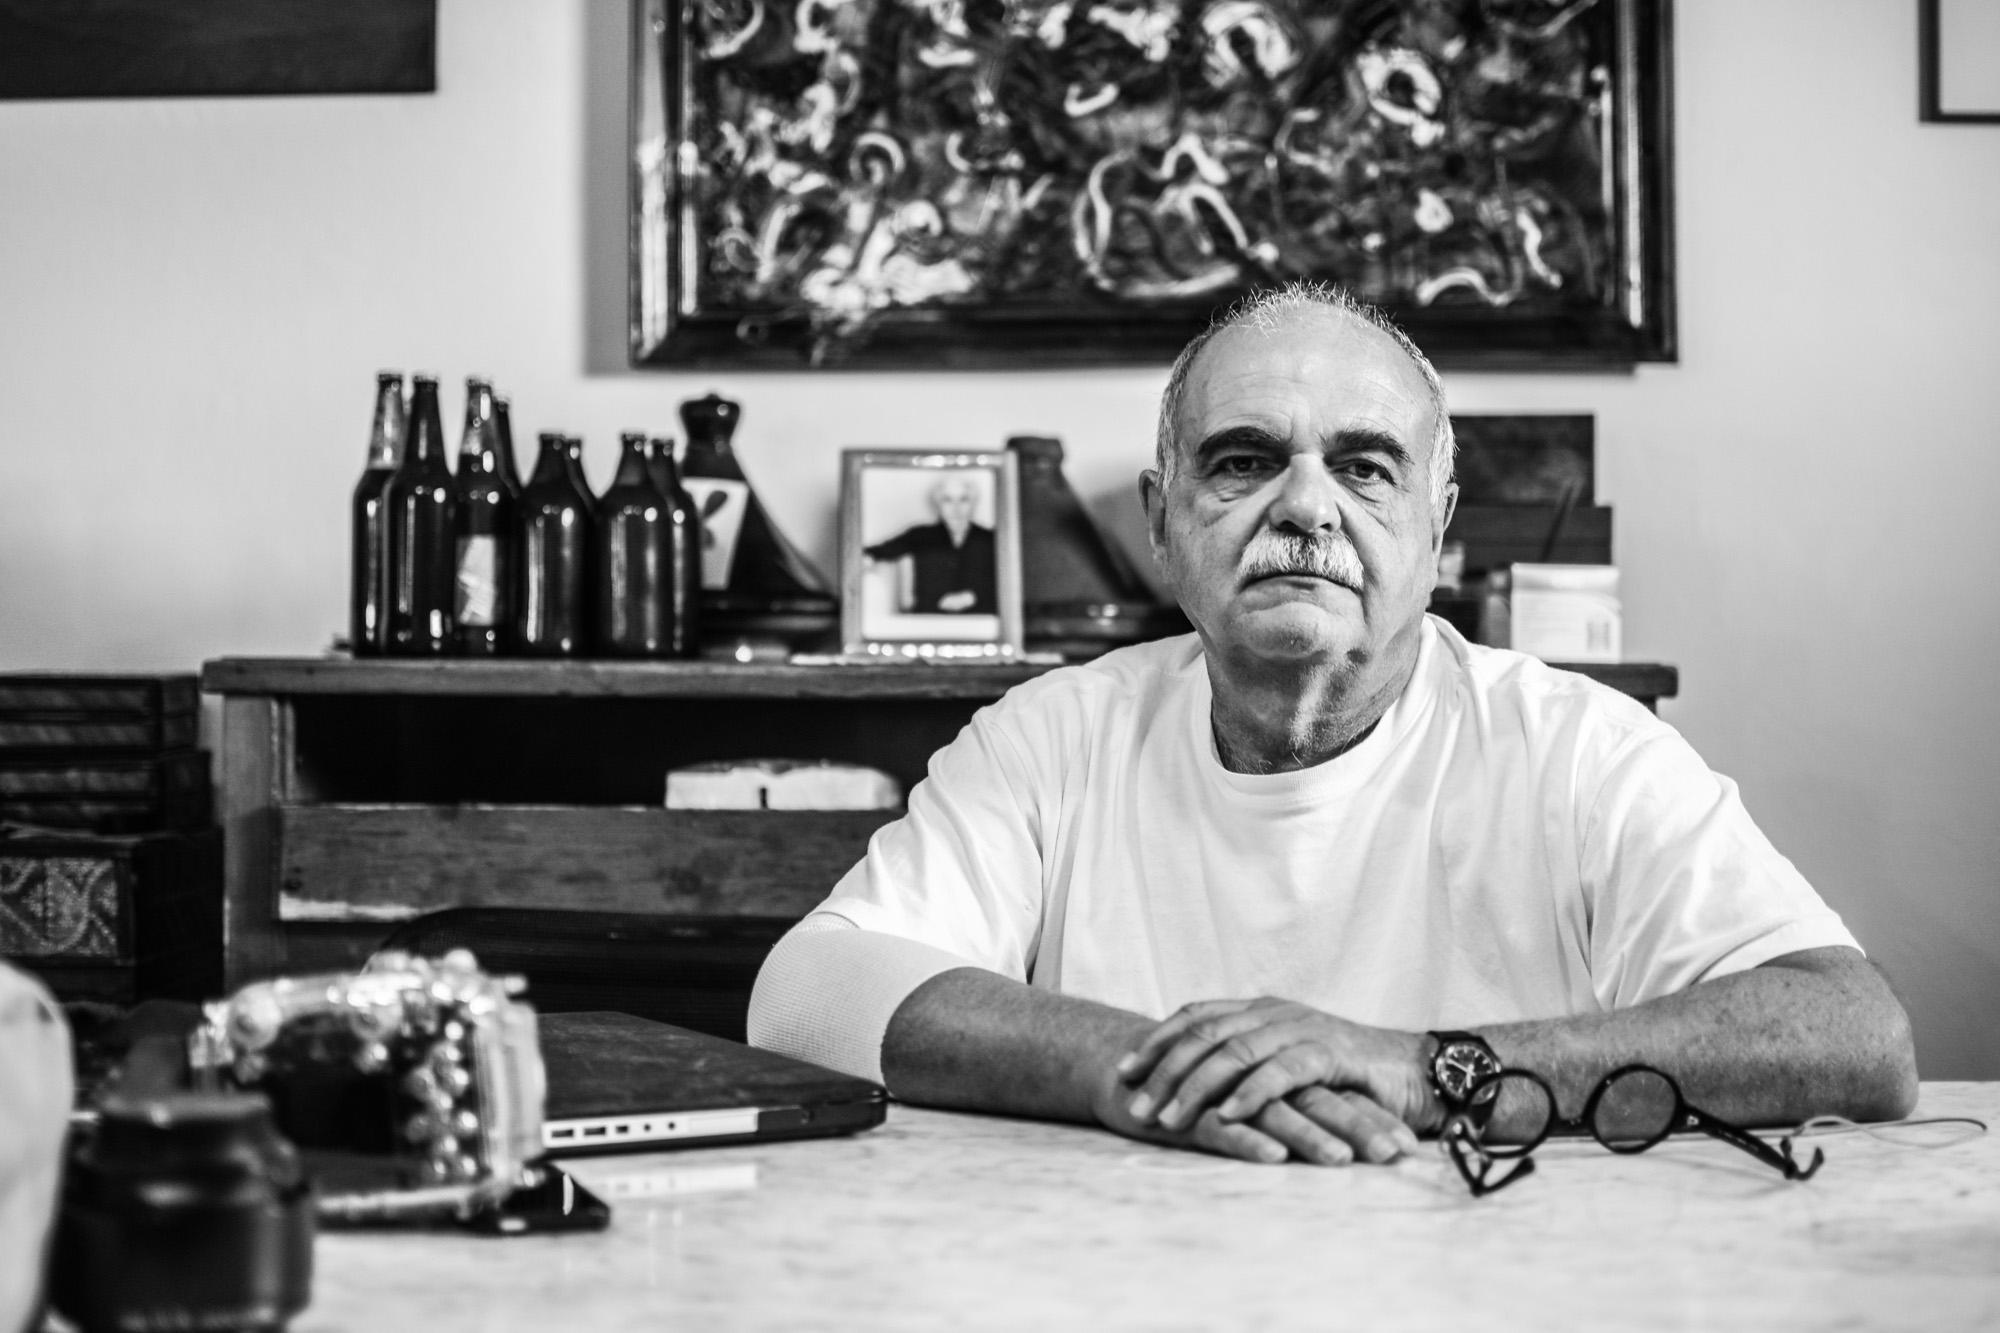 Della fame e della guerra intervista a franco pagetti for Franco casa piani di betz